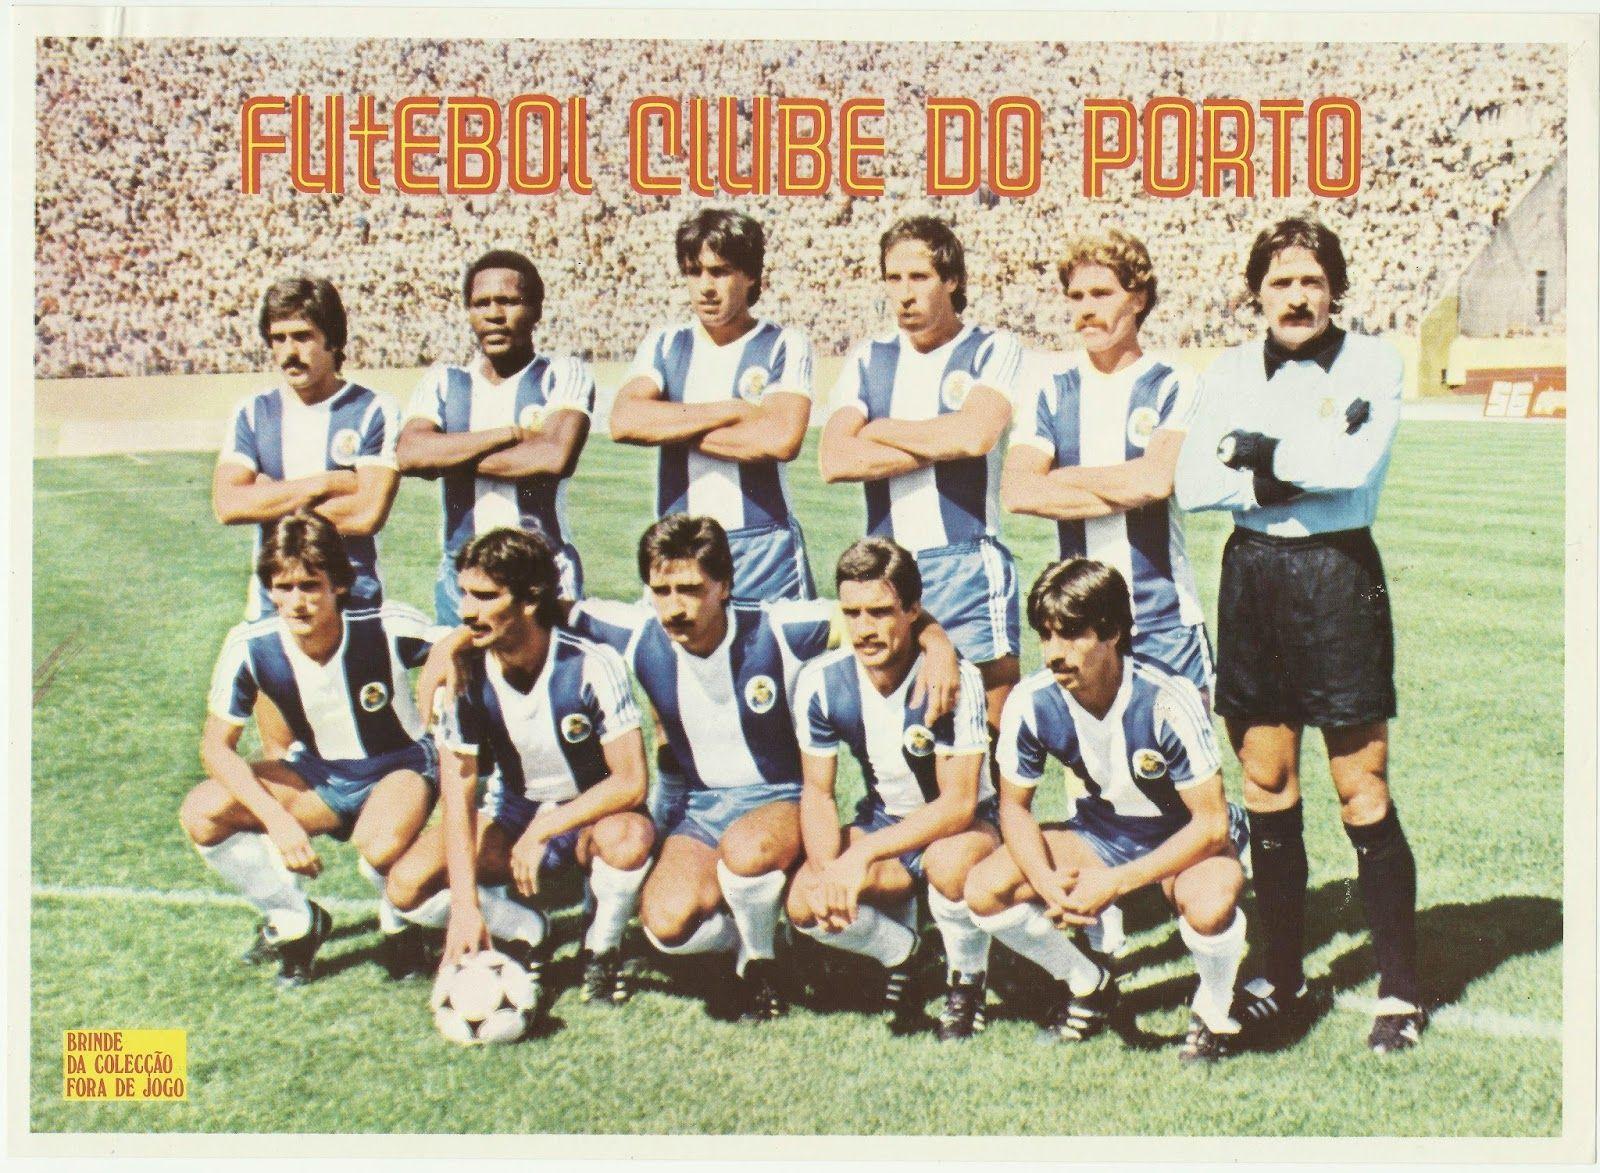 Separata Brinde Da Coleccao Fora De Jogo Equipa Do Futebol Clube Do Porto Equipa Que Na 1ª Jornada Do C Futebol Clube Do Porto Futebol Campeonato Nacional